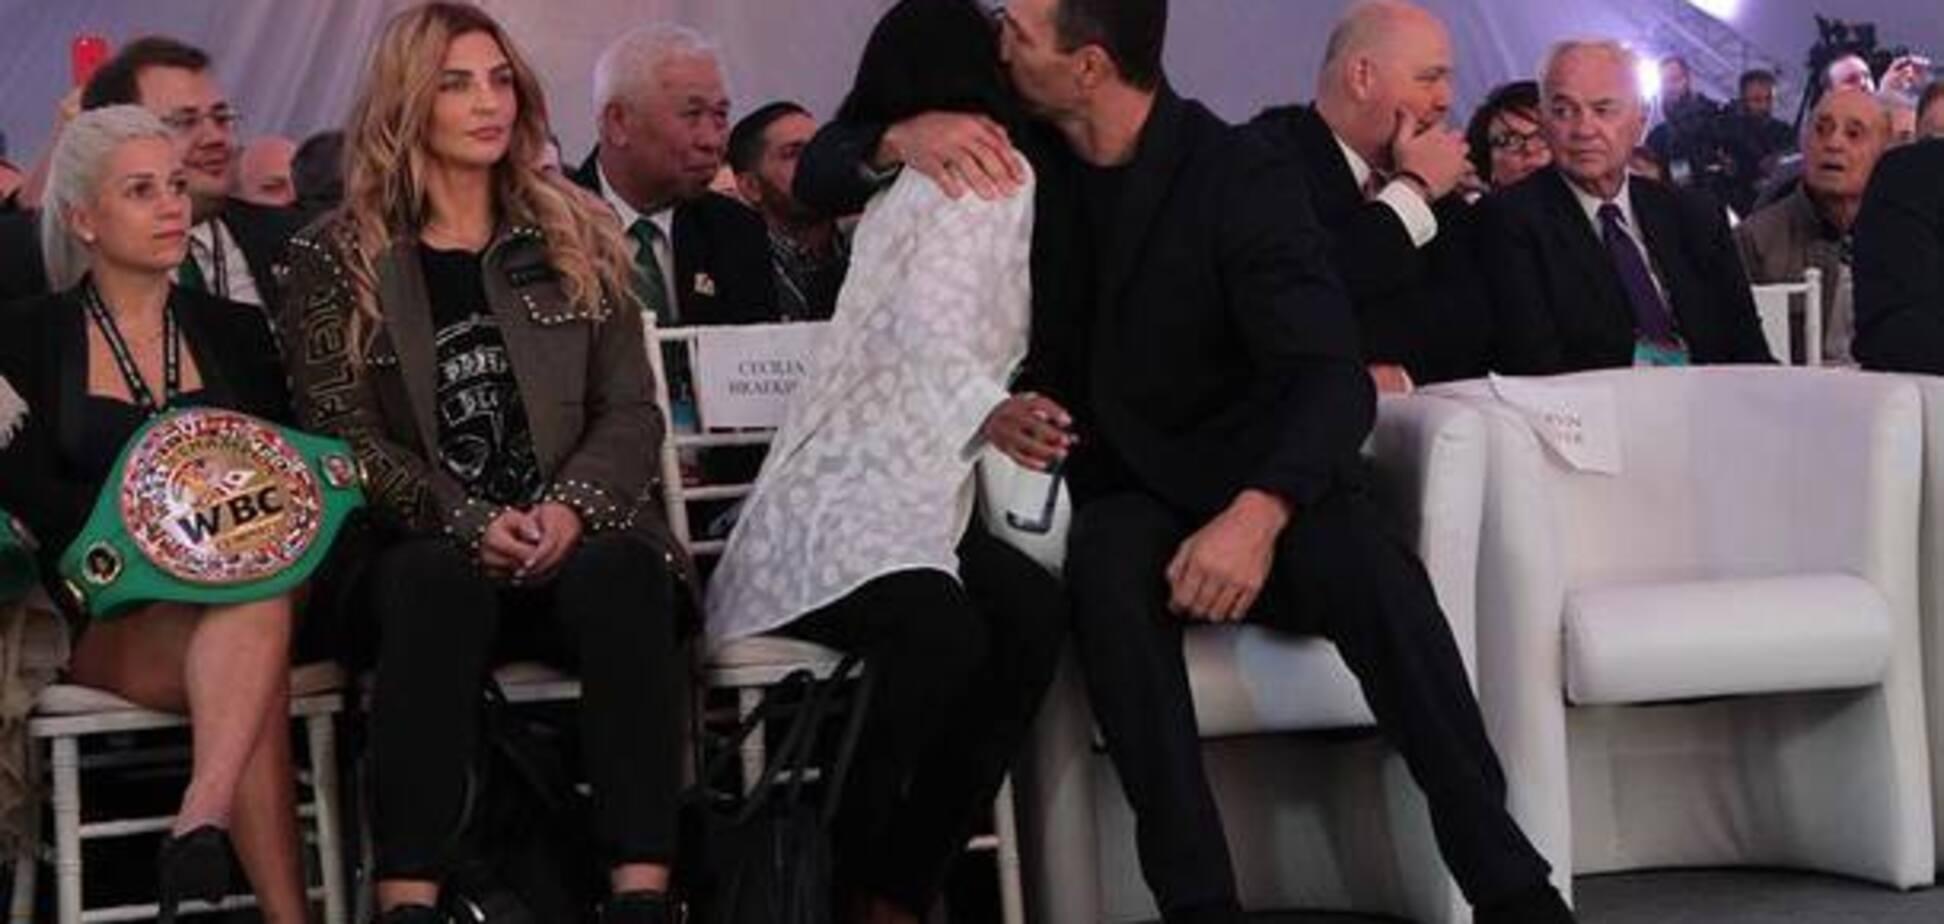 Целовались на людях: СМИ показали новую невесту Владимира Кличко - опубликованы фото